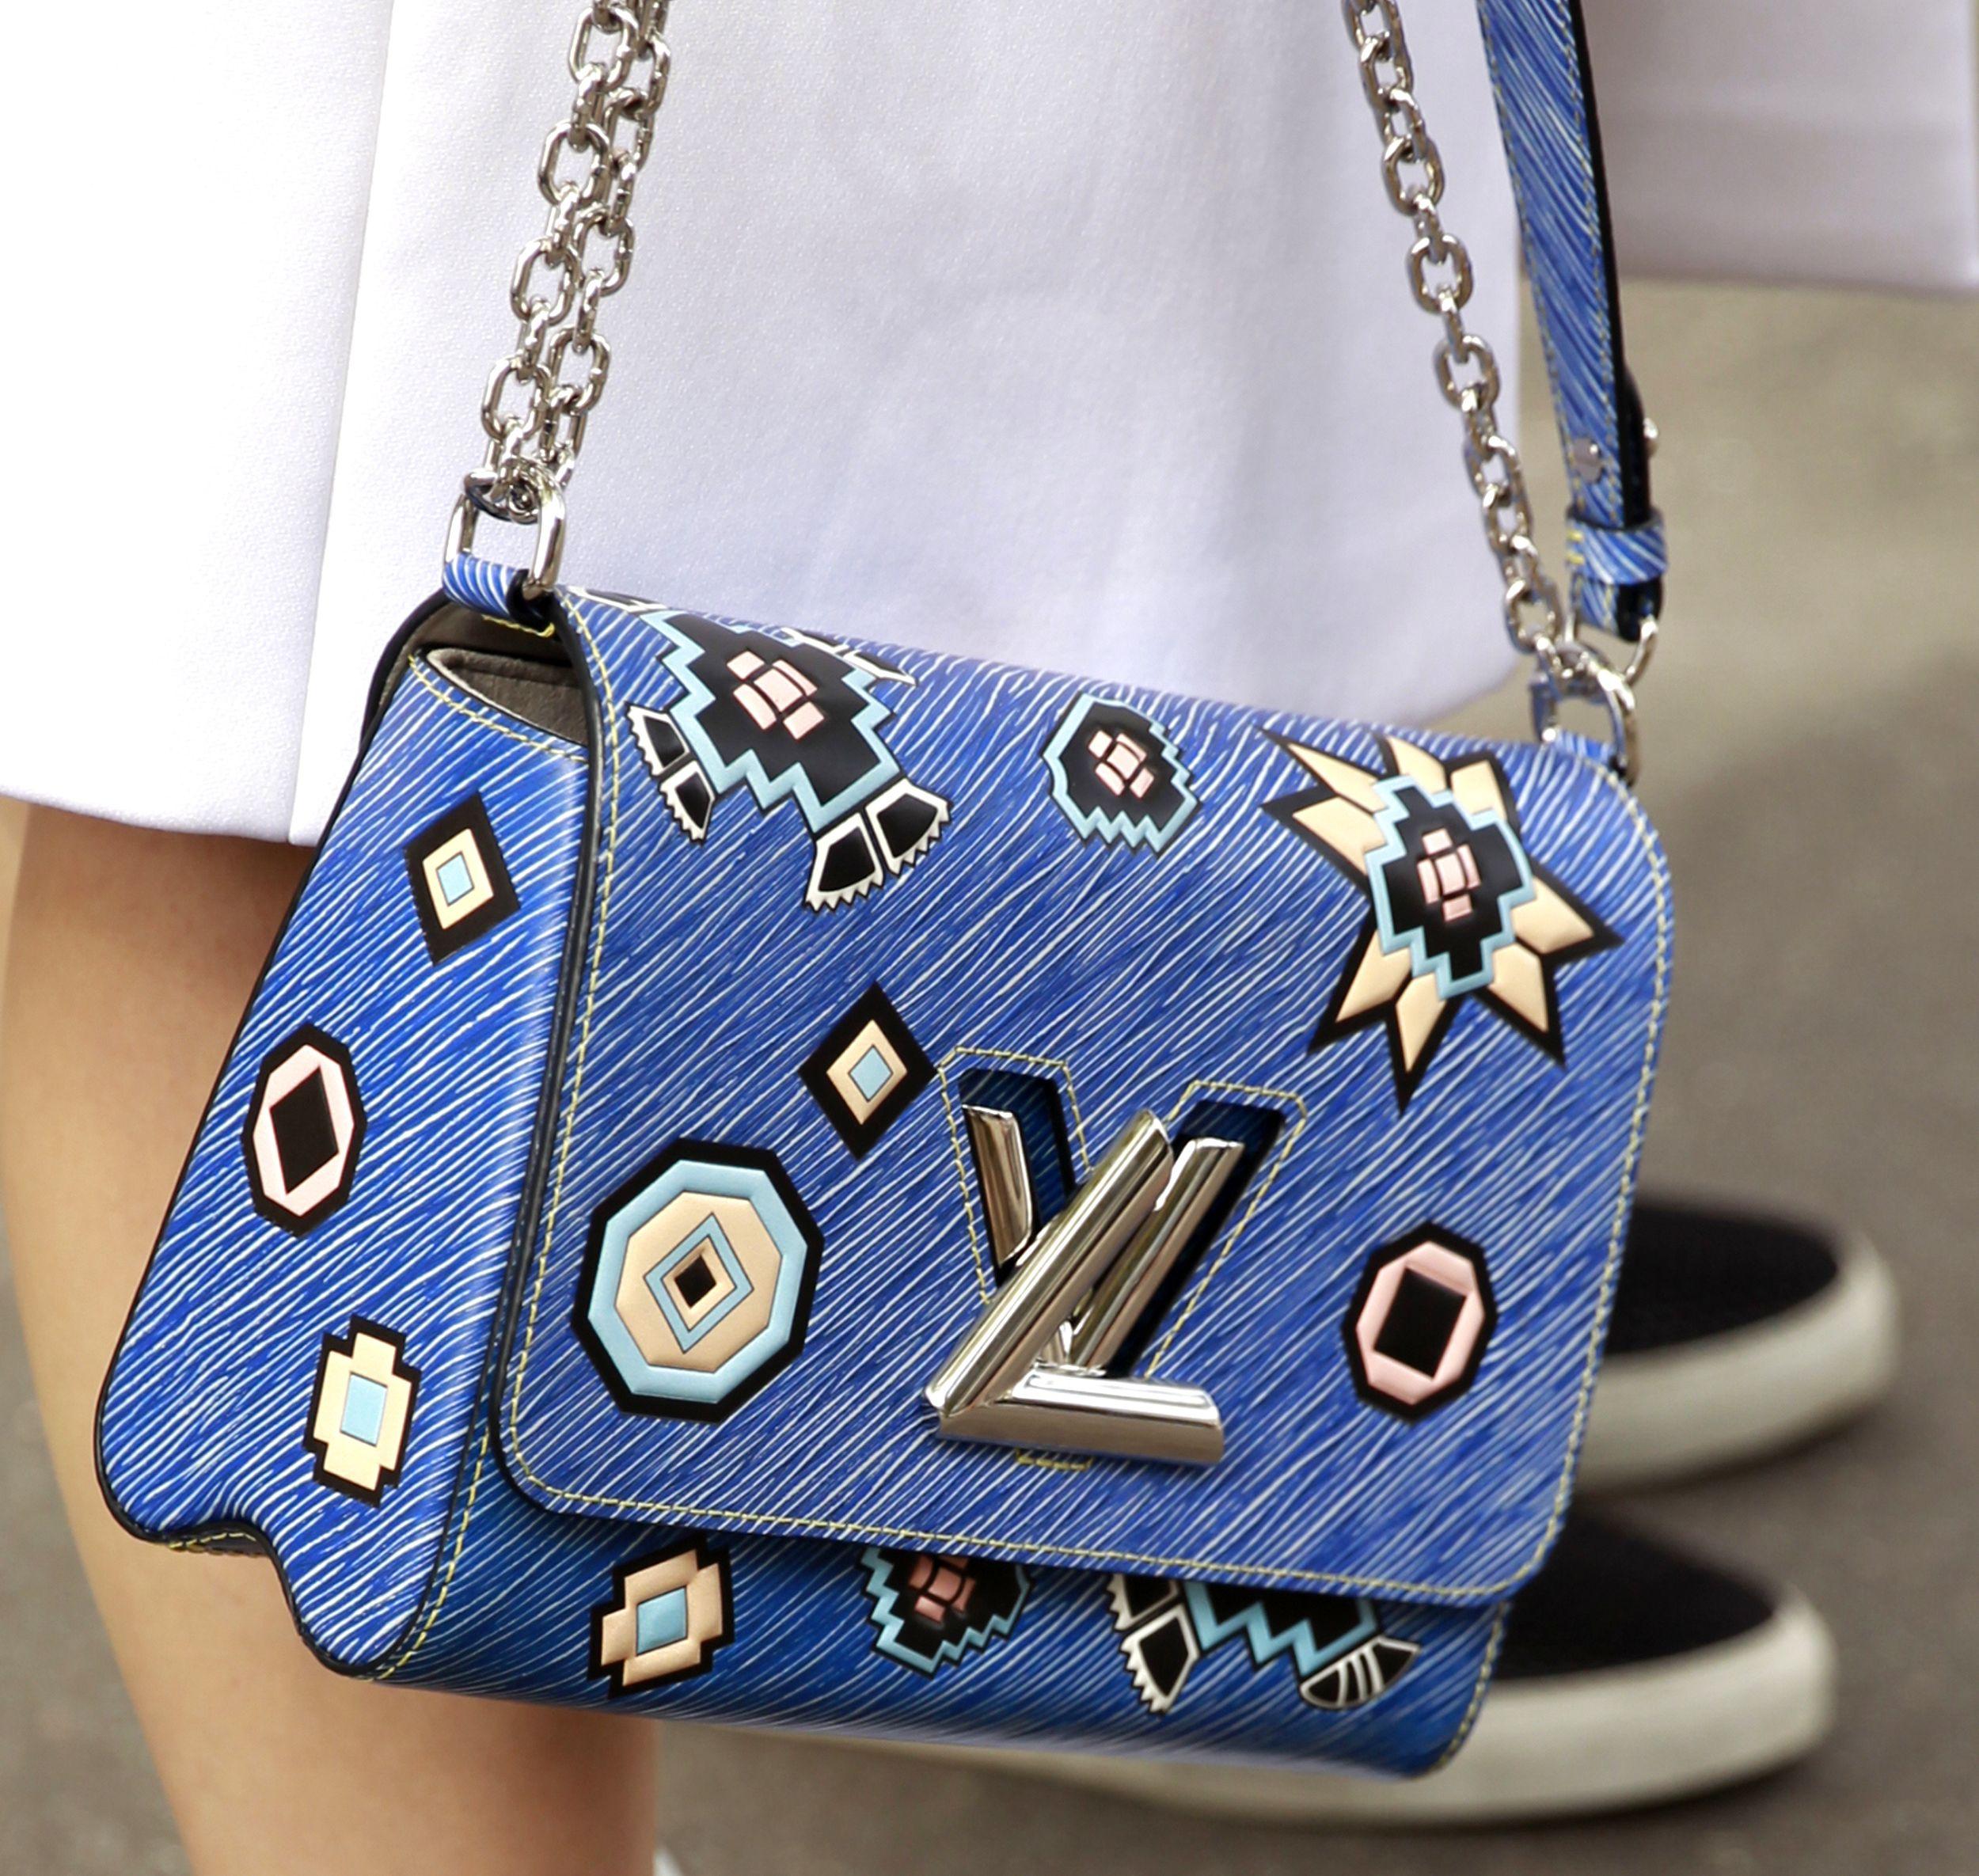 Verzierte Tasche von Louis Vuitton während der Paris Fashion Week Spring/Summer (ddp images)